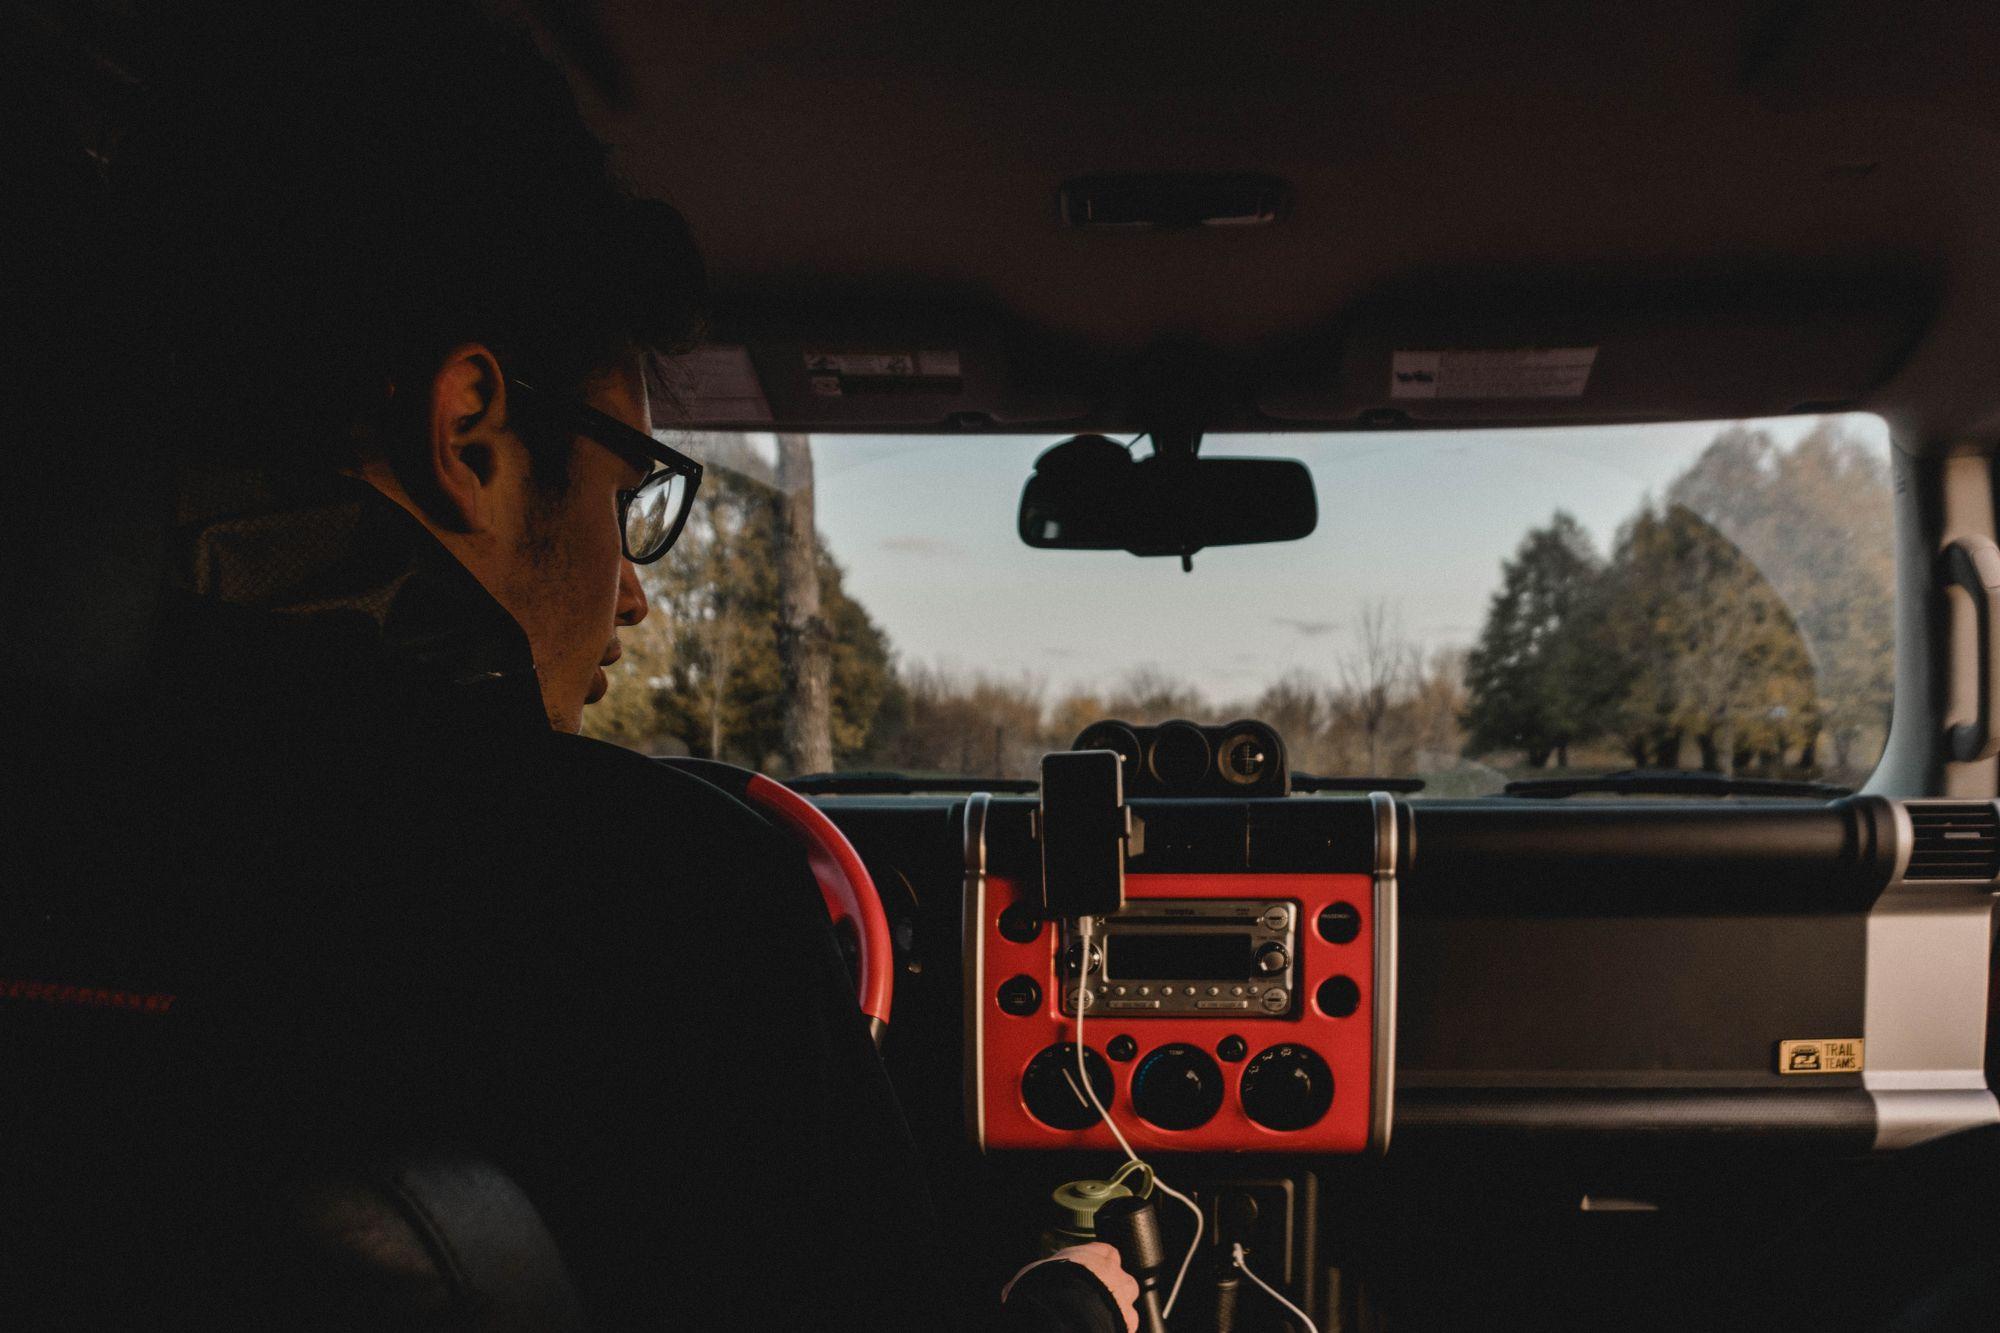 Άνδρας στο εσωτερικό αυτοκινήτου κάθεται στη θέση του οδηγού